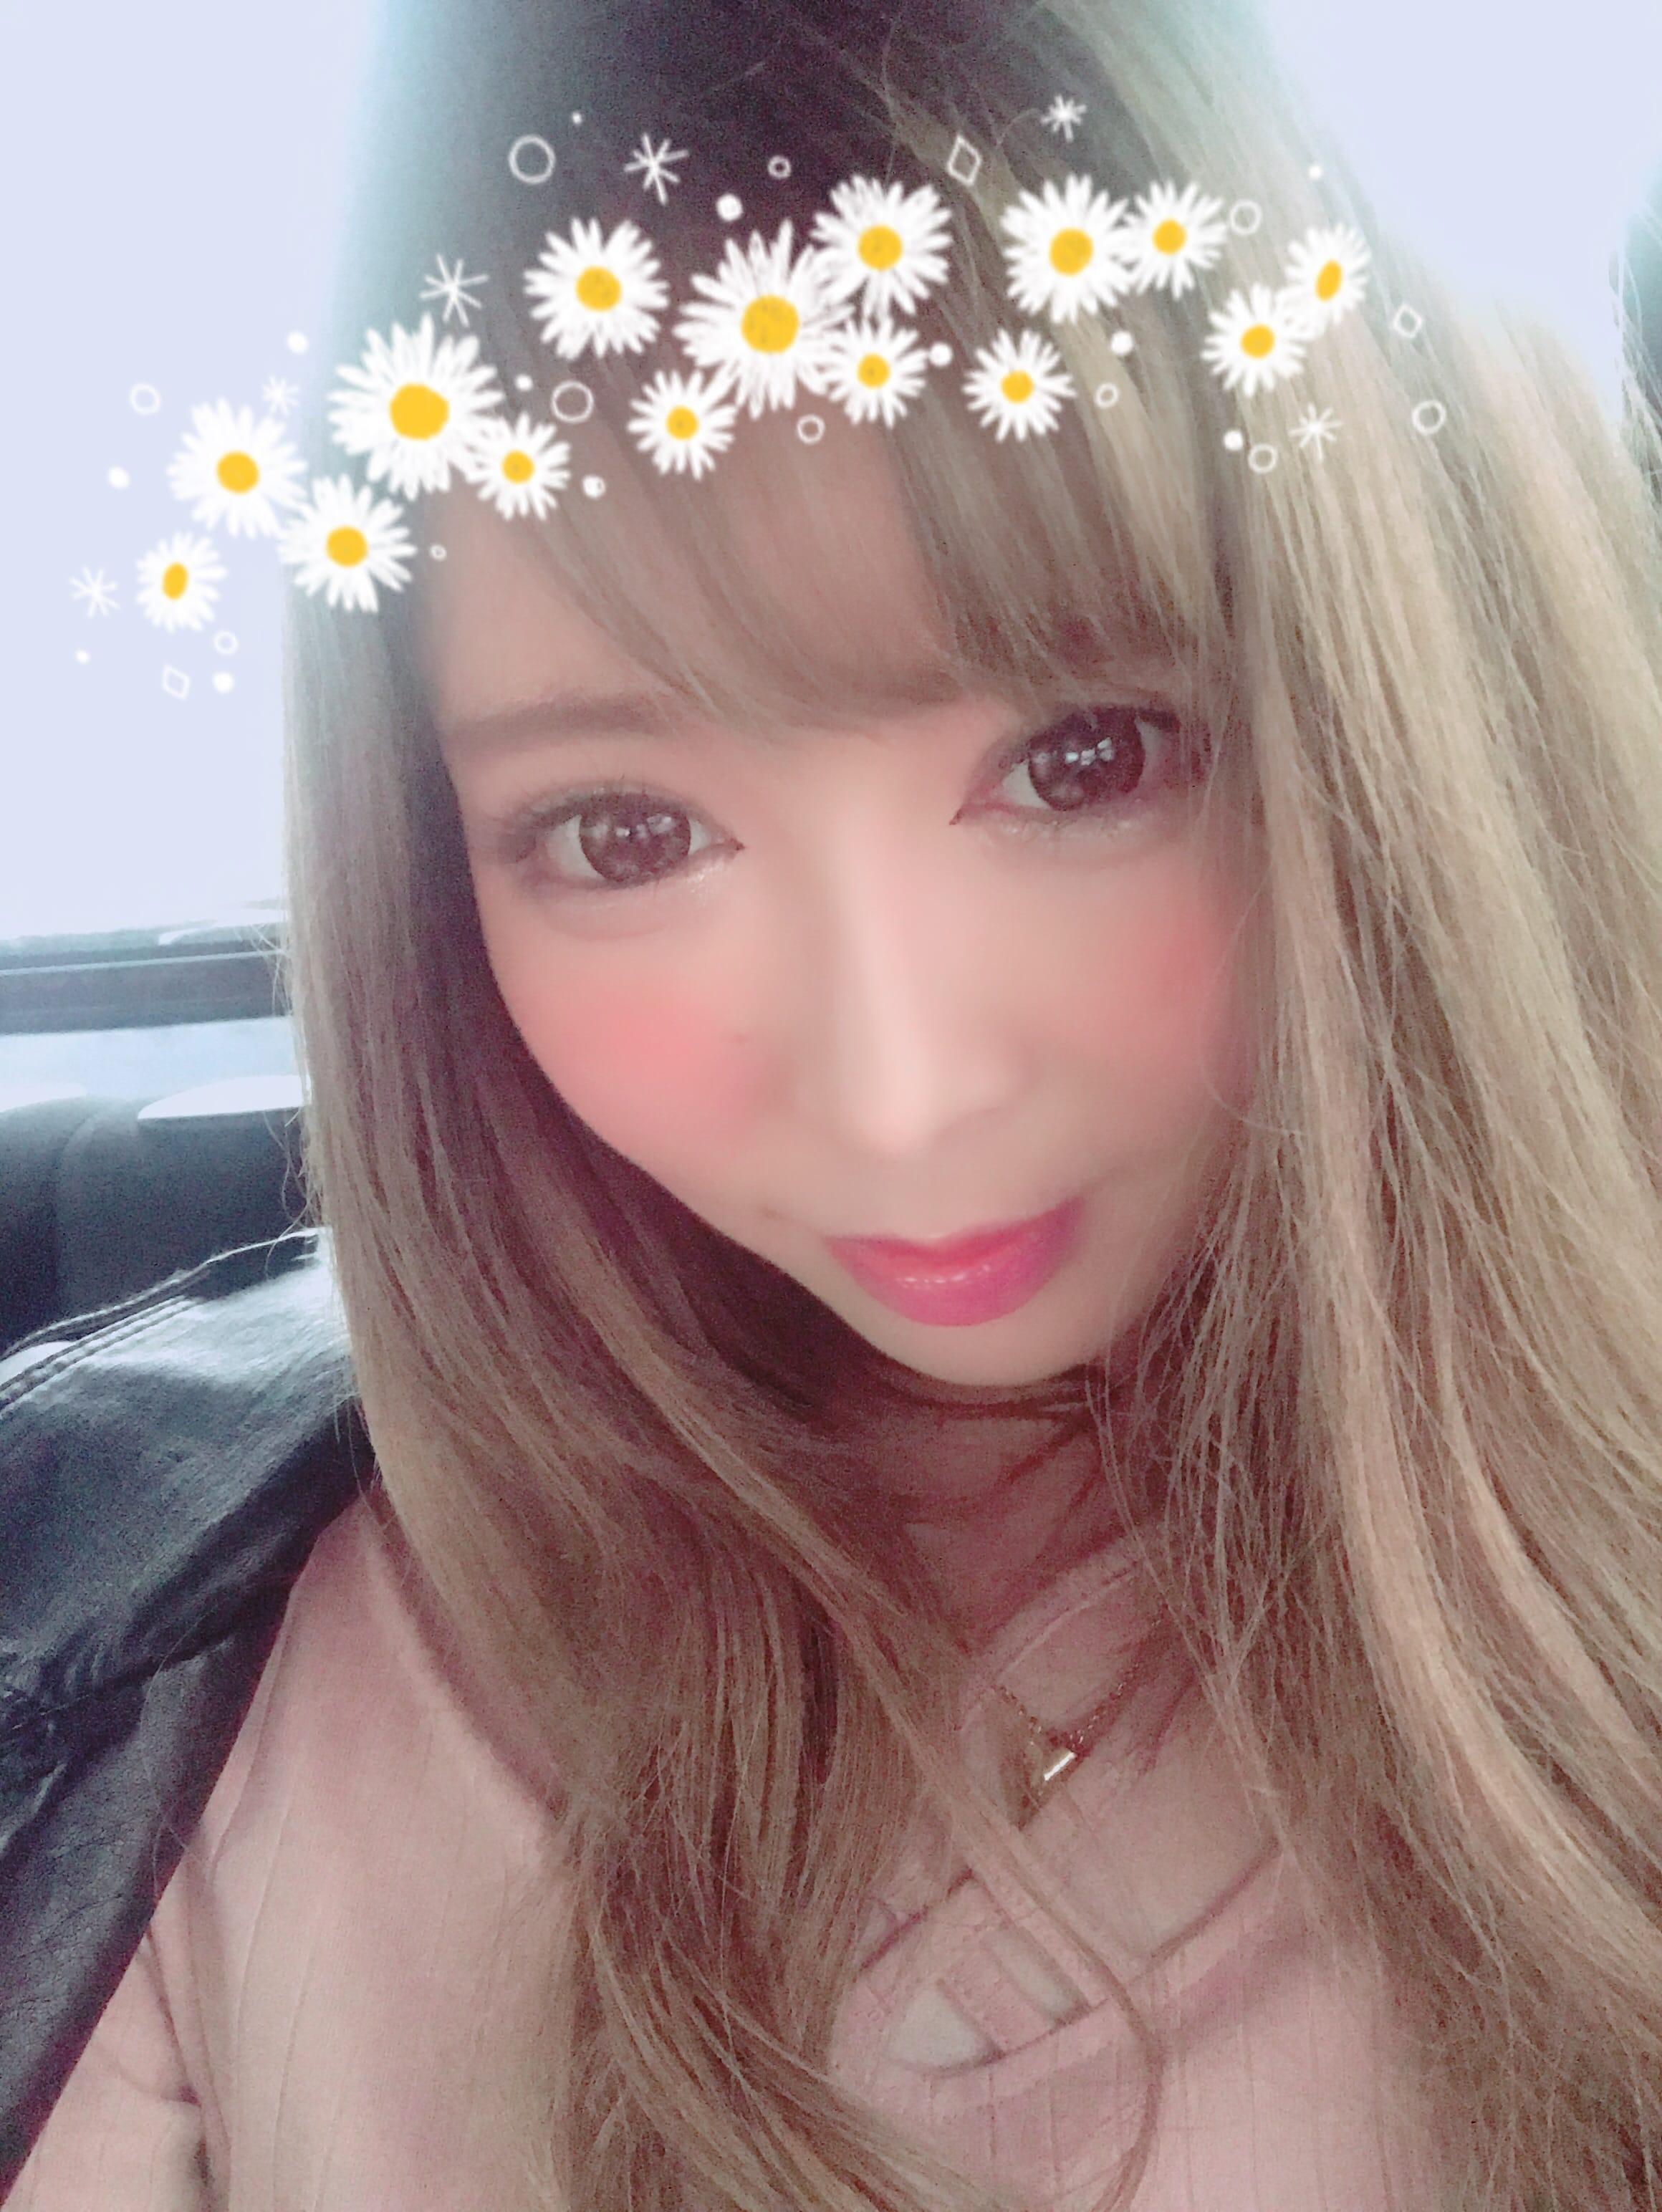 「おはようございます♡」04/07(土) 17:27 | モエ★★の写メ・風俗動画